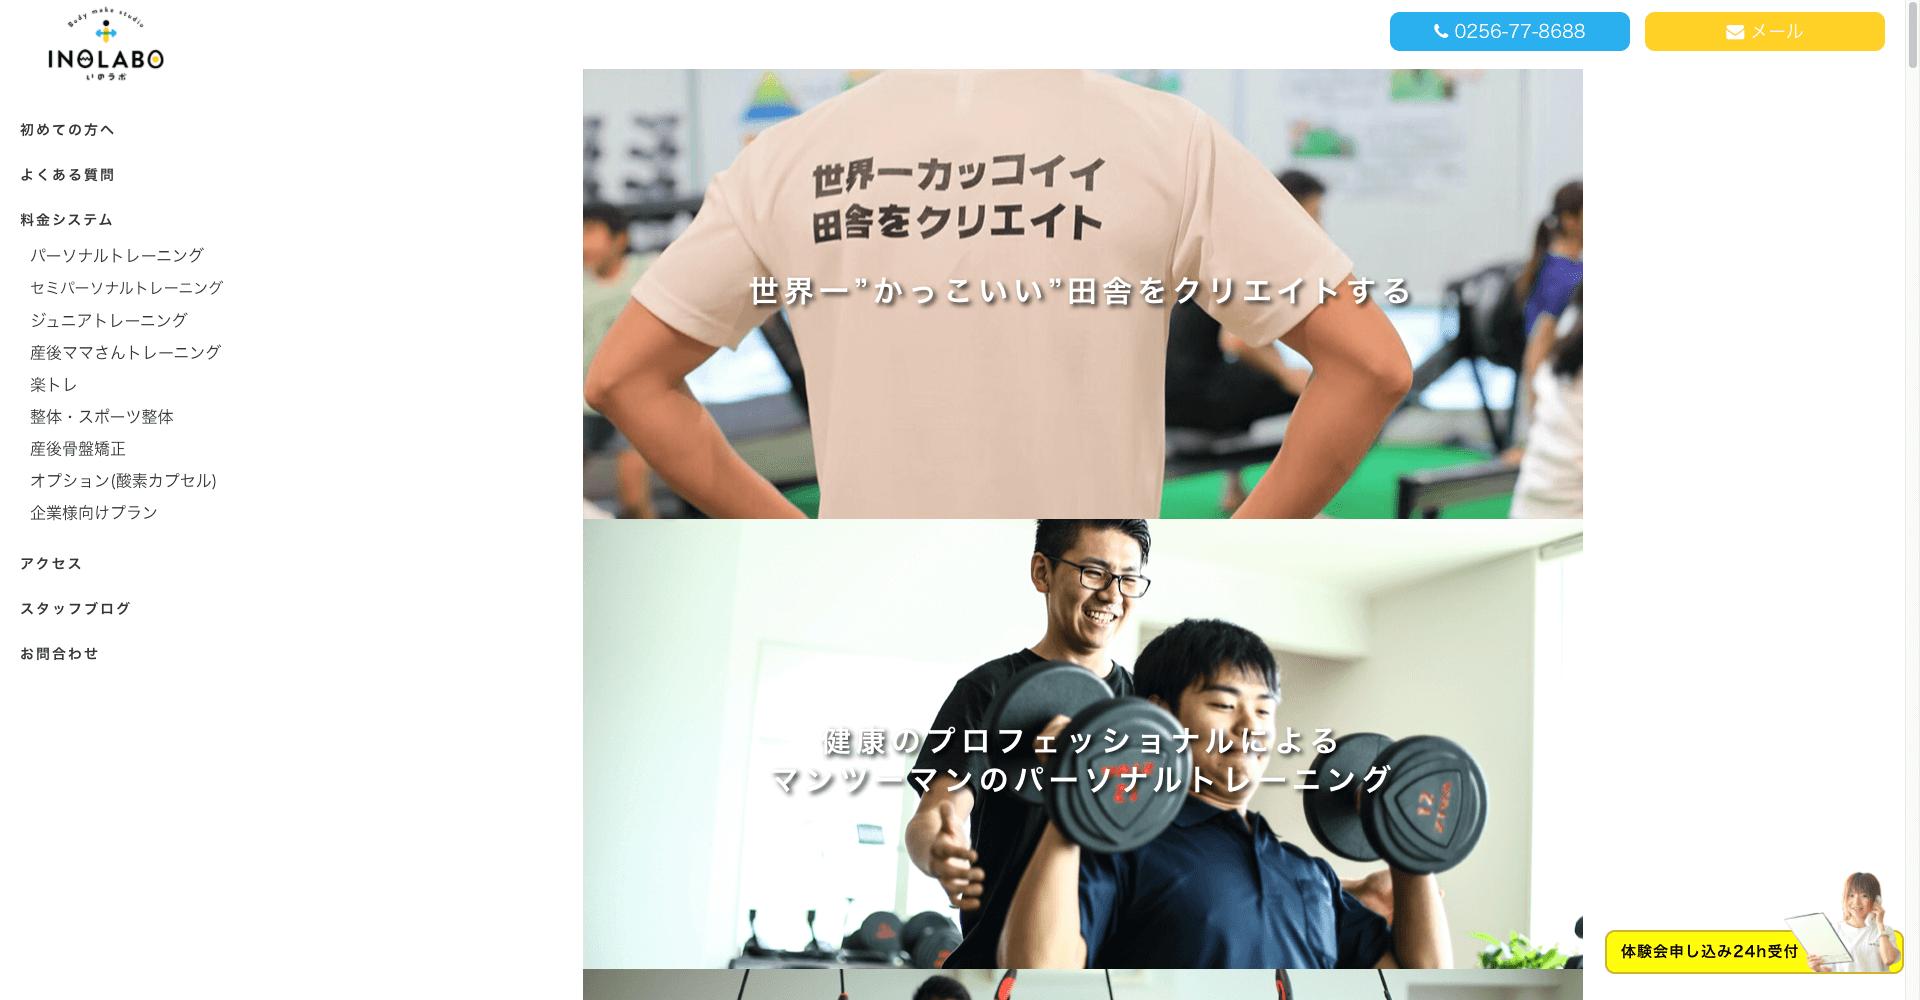 Body make studio いのラボ